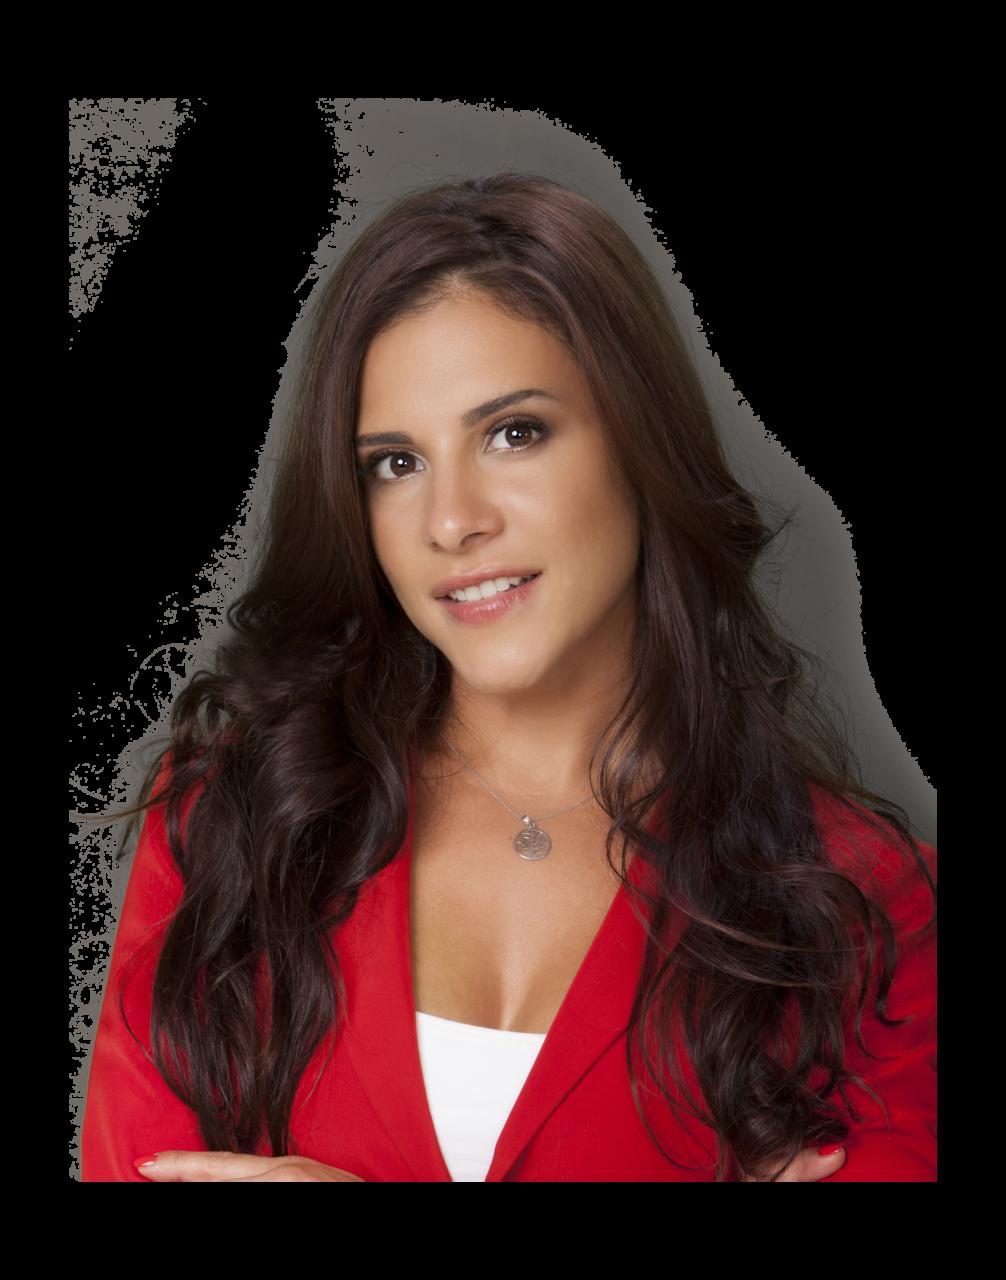 Vanessa Saba